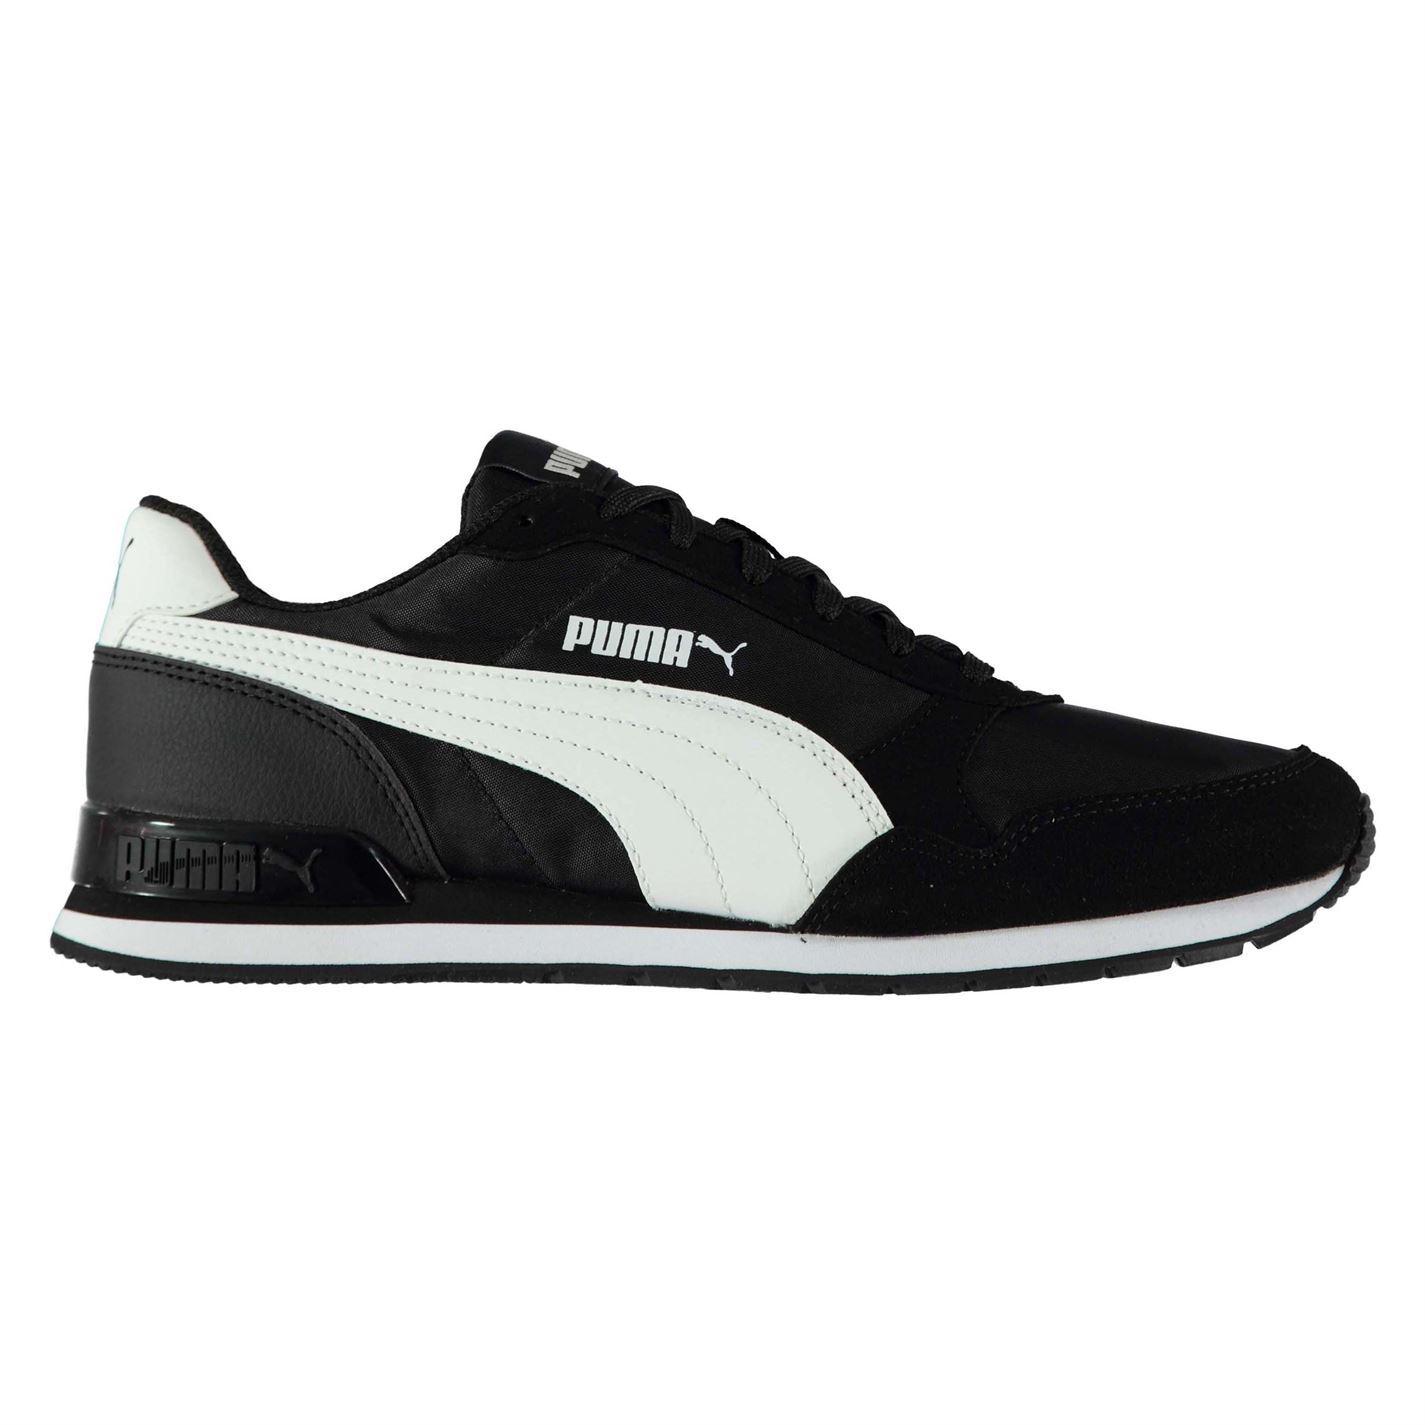 Puma ST Runner Scarpe da ginnastica in pelle di nabuk Uomo Nero/Bianco Scarpe Sportive Scarpe Da Ginnastica